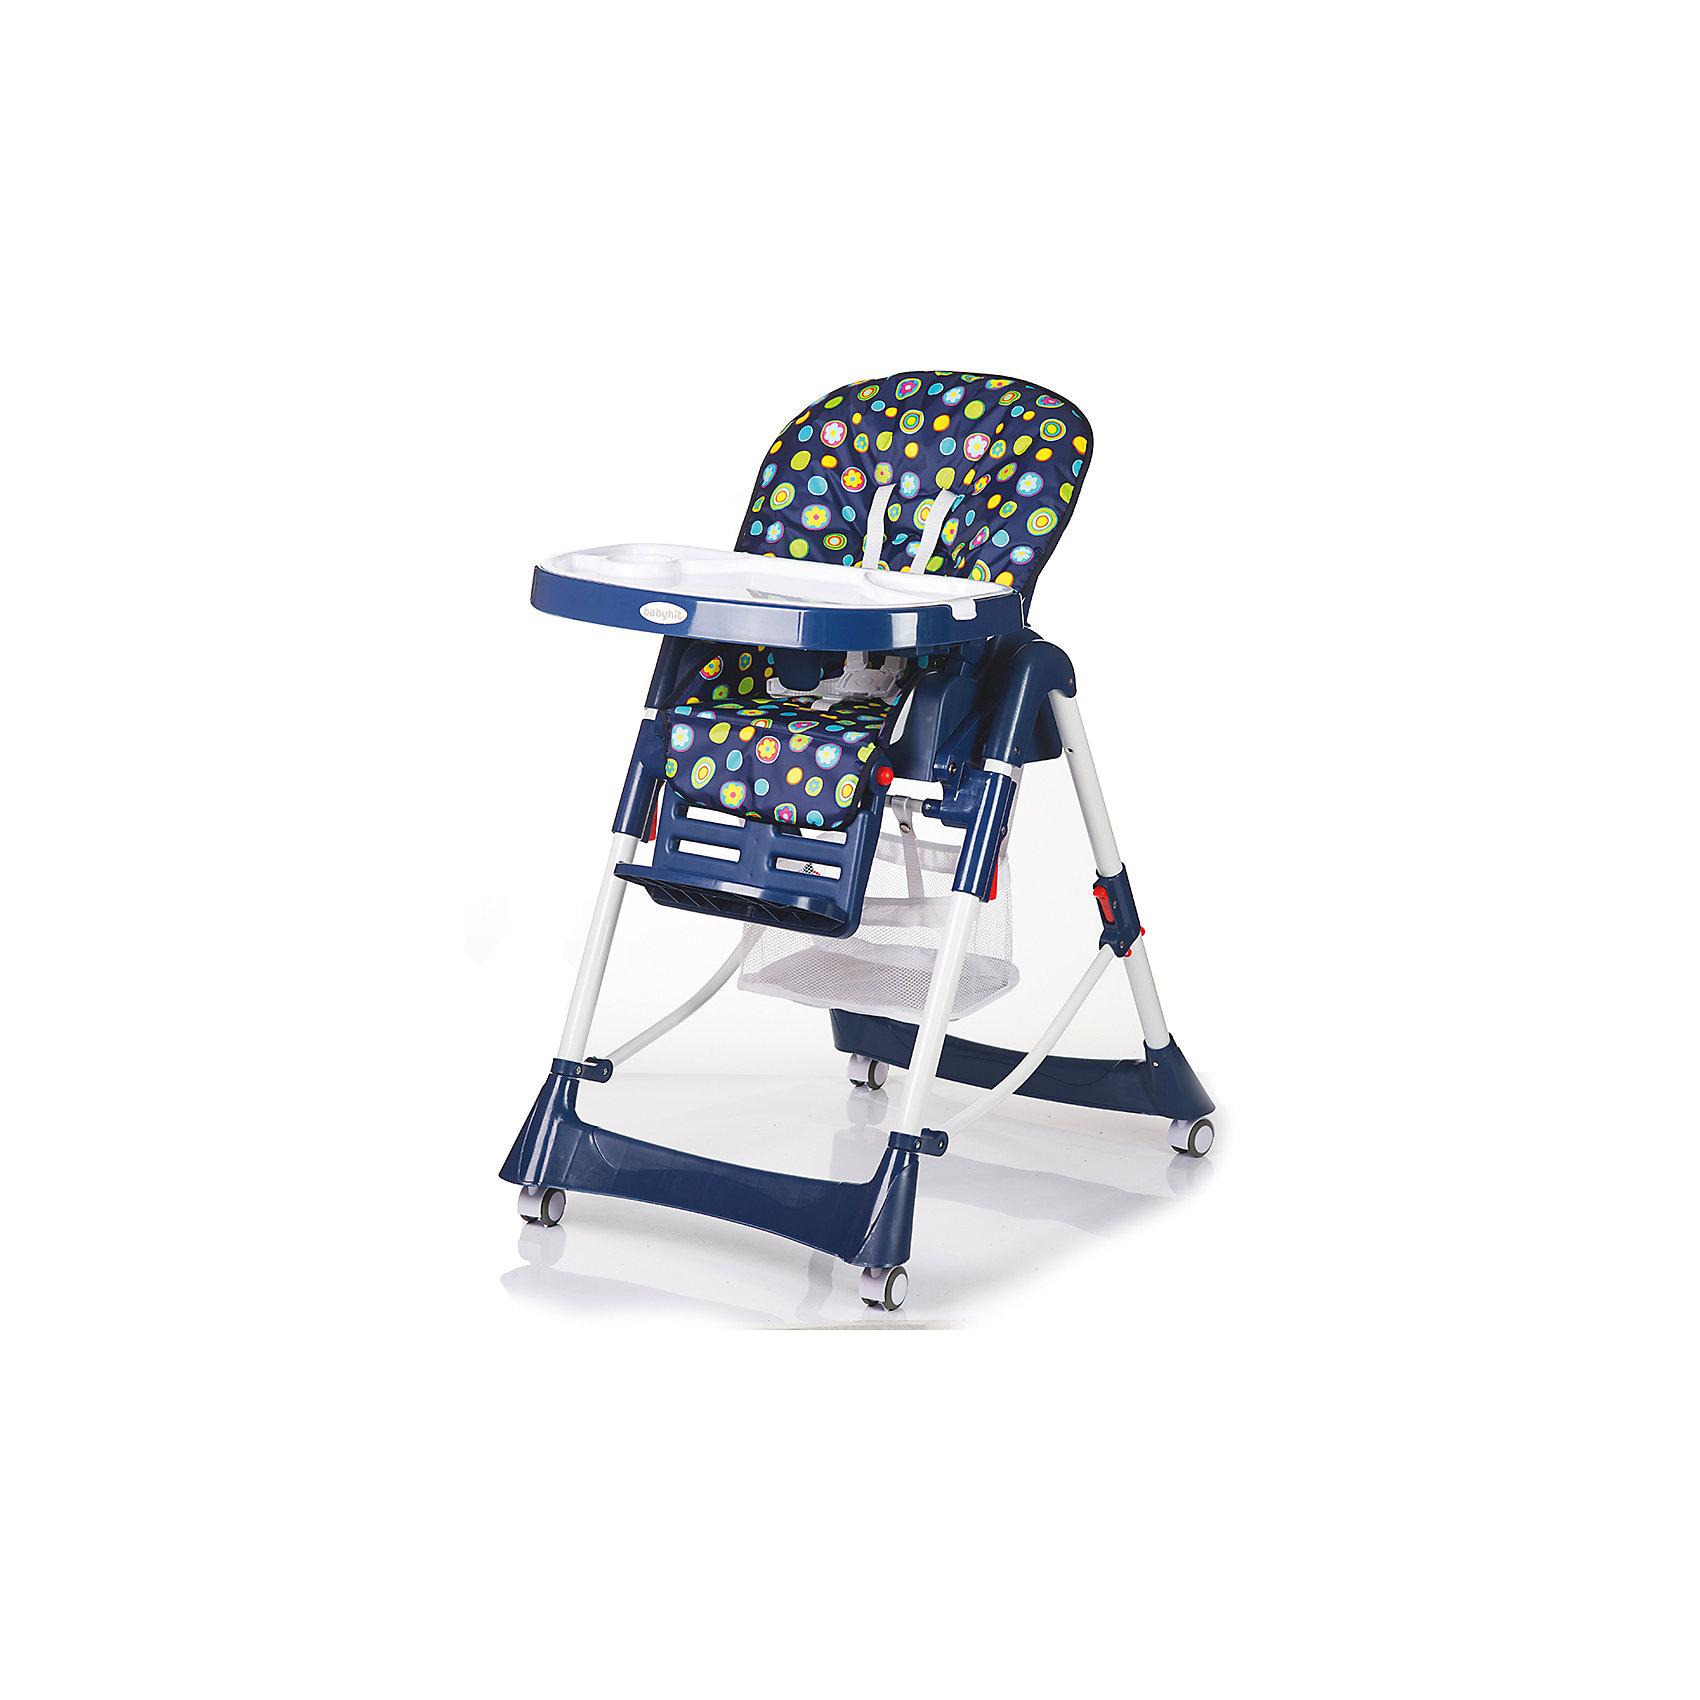 Стульчик для кормления APPETITE, Babyhit, темно-синийот +6 месяцев<br>Характеристики:<br><br>• стульчик для кормления оборудован системой 5-ти точечных ремней безопасности;<br>• стульчик оснащен паховой перегородкой, которая предотвращает соскальзывания малыша вниз;<br>• имеется рама с поперечной перекладиной;<br>• регулируемый угол наклона спинки, 3 положения: сидя, полулежа, лежа;<br>• регулируемая глубина столика, 3 положения;<br>• регулируемая подножка, 2 положения;<br>• регулируемая высота стульчика, 5 положений;<br>• столешница с бортиками, дополнительный поднос с углублениями для тарелок и поильника;<br>• стульчик оснащен колесиками со стопорами, 4 шт.;<br>• внизу расположена сетчатая корзина для игрушек;<br>• мягкий чехол снимается, его можно стирать при температуре 30 градусов;<br>• материал: алюминий, пластик, полиэстер.<br><br>Функциональный стульчик может использоваться для кормления, игр и даже сна. Изменяется наклон спинки почти до горизонтального положения, изменяется угол наклона подножки, удлиняя тем самым спальное место, регулируется высота стульчика. Верхний поднос с углублениями можно снять, а ровную поверхность столика использовать для рисования, настольных игр, пазлов. Стульчик компактно складывается, устойчиво стоит в сложенном виде.  <br><br>Размеры стульчика для кормления: 100х50х55 см<br>Размер упаковки: 49х29х70 см<br>Вес стульчика: 9,4 кг<br>Вес в упаковке: 10,5 кг<br><br>Стульчик для кормления APPETITE, Babyhit, темно-синий можно купить в нашем интернет-магазине.<br><br>Ширина мм: 490<br>Глубина мм: 290<br>Высота мм: 700<br>Вес г: 10500<br>Возраст от месяцев: 6<br>Возраст до месяцев: 36<br>Пол: Унисекс<br>Возраст: Детский<br>SKU: 5500334